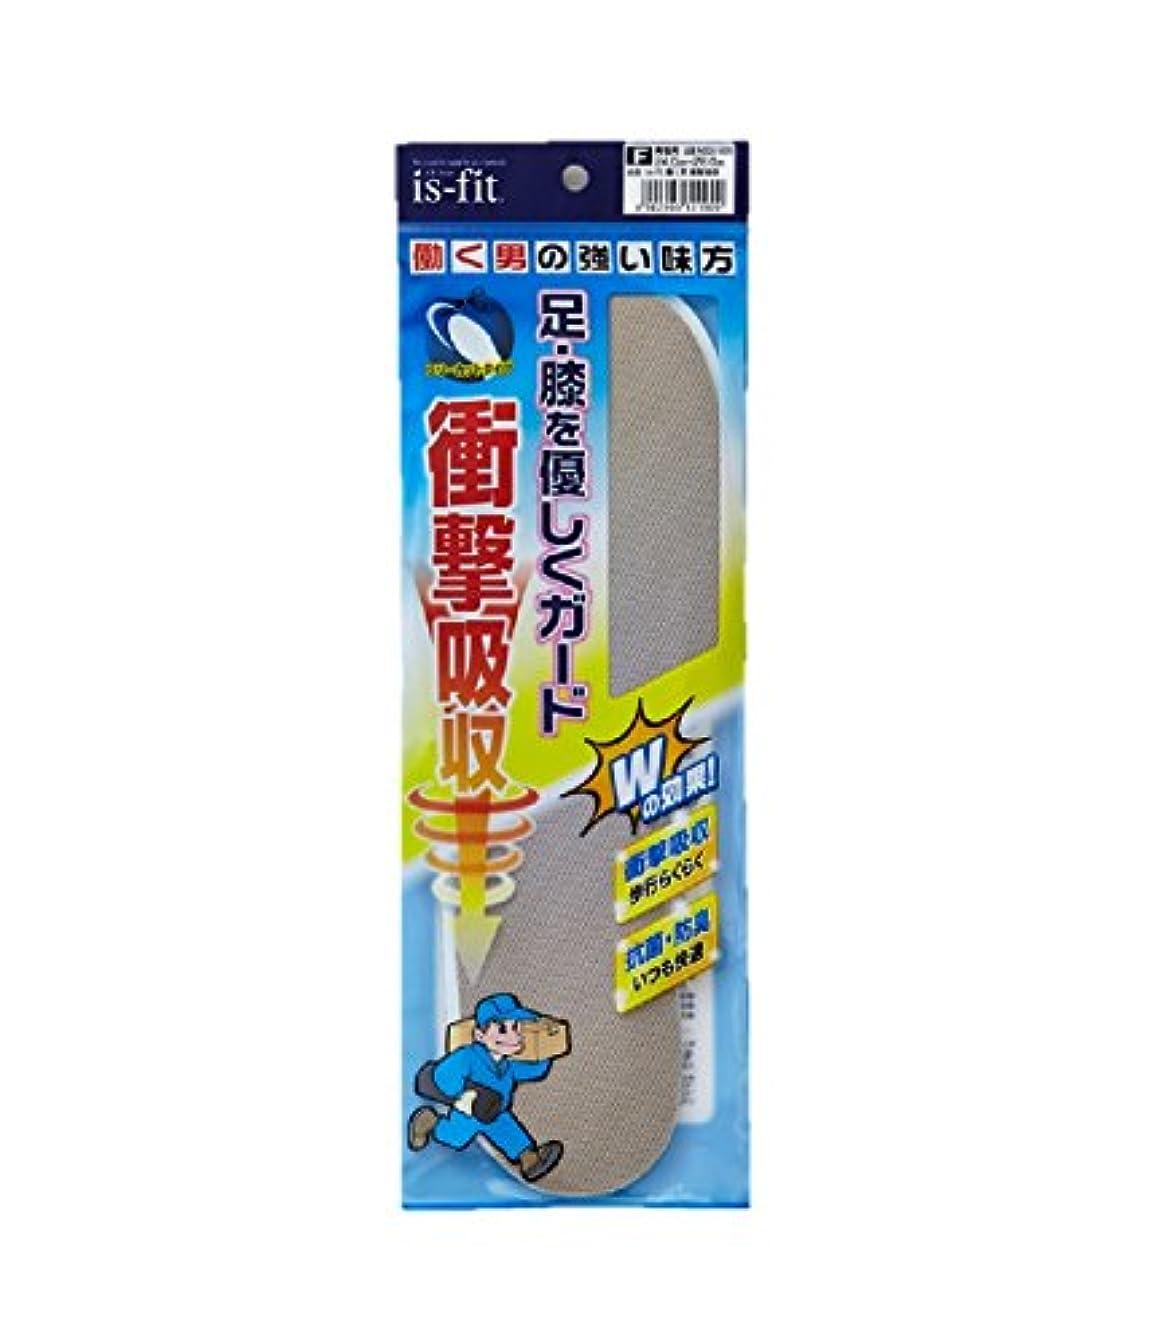 害虫計算可能ファントムis-fit 働く男 衝撃吸収インソール 25.0~28.0cm 男性用